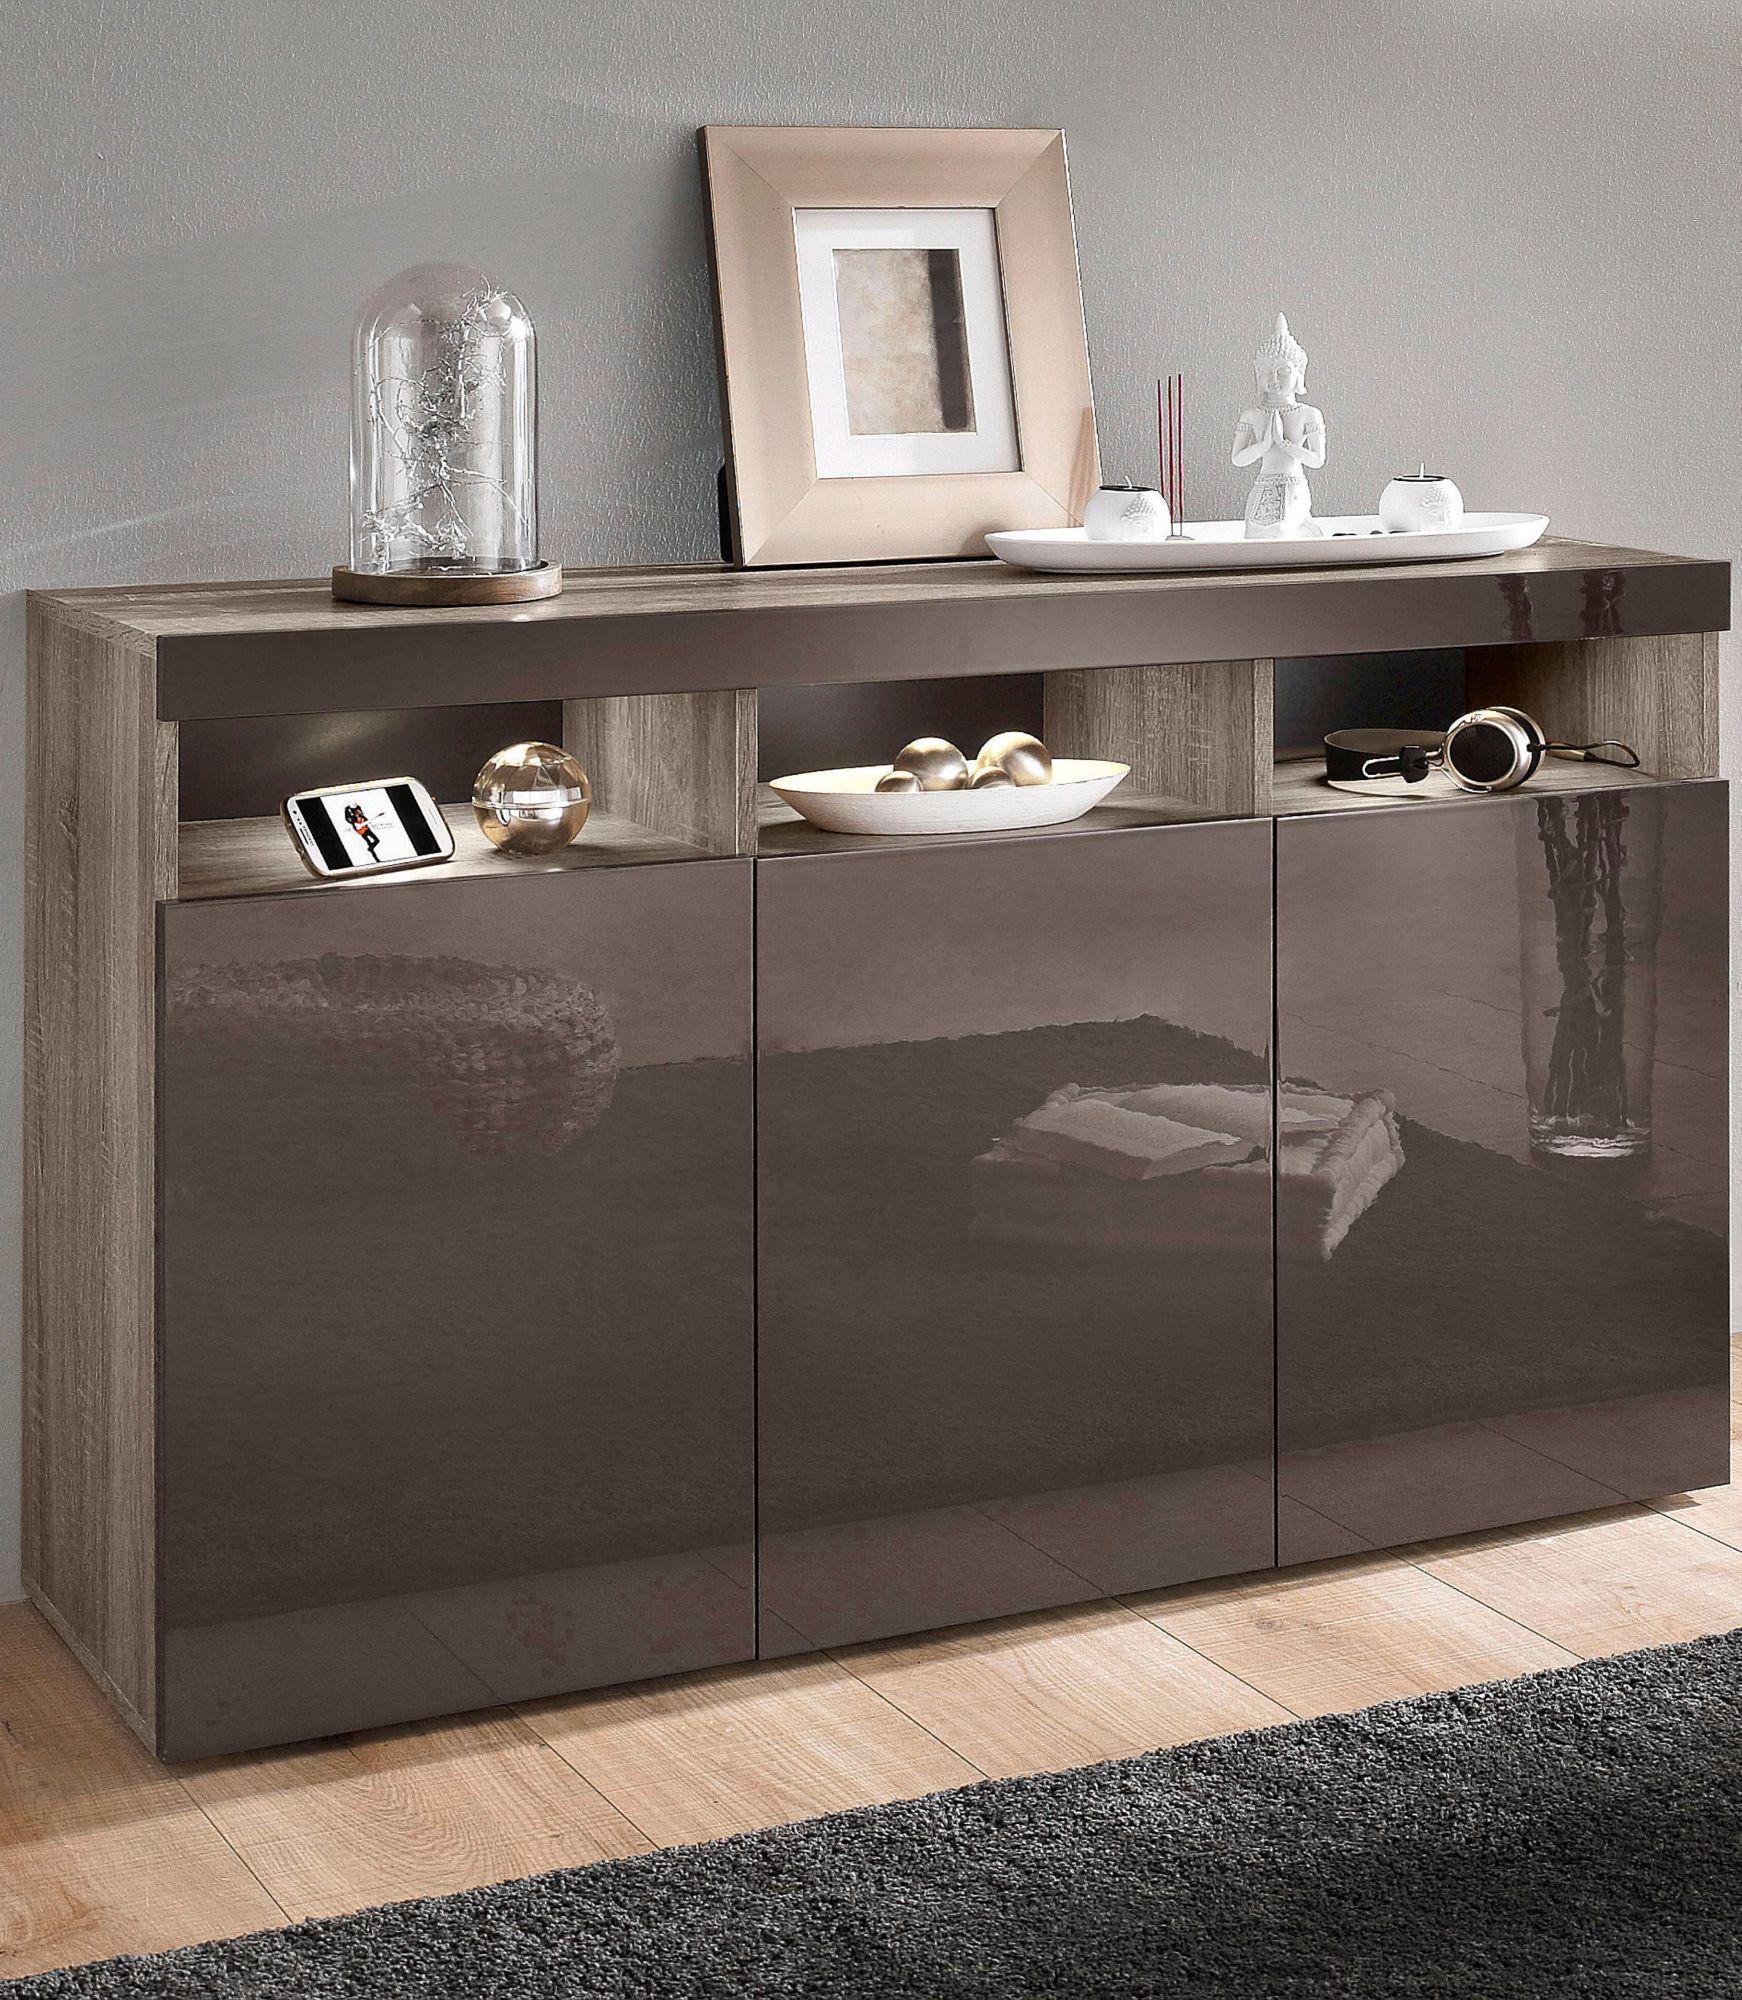 kleinm bel im schwab online shop m bel express m bel. Black Bedroom Furniture Sets. Home Design Ideas